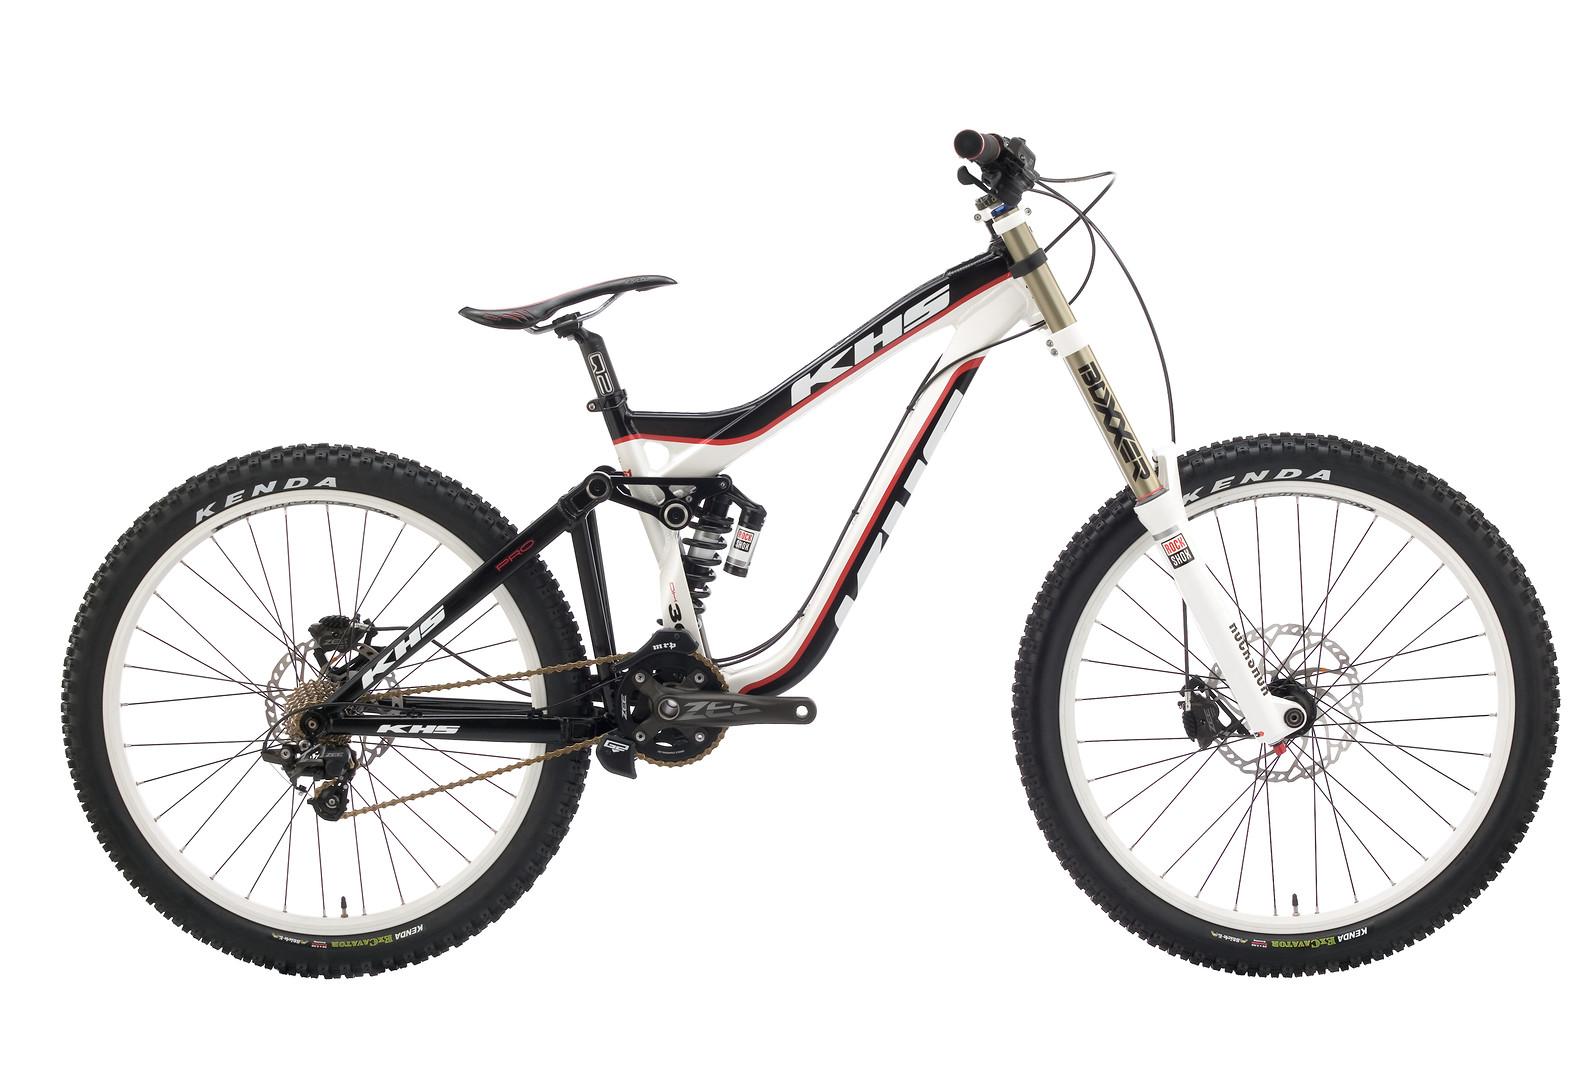 2013 DH150 Pro